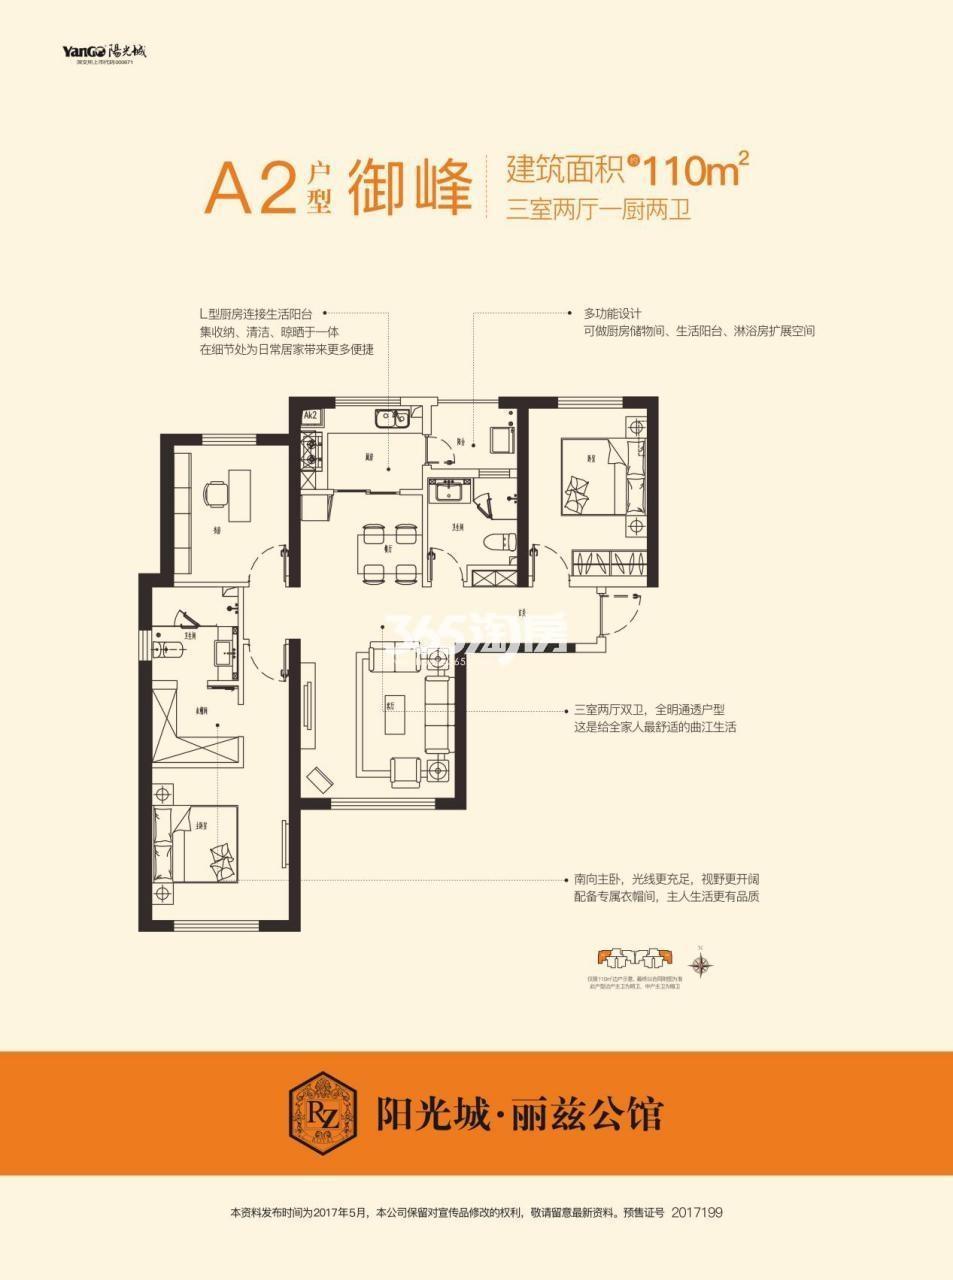 阳光城丽兹公馆A2-御峰3室2厅2卫1厨110平米